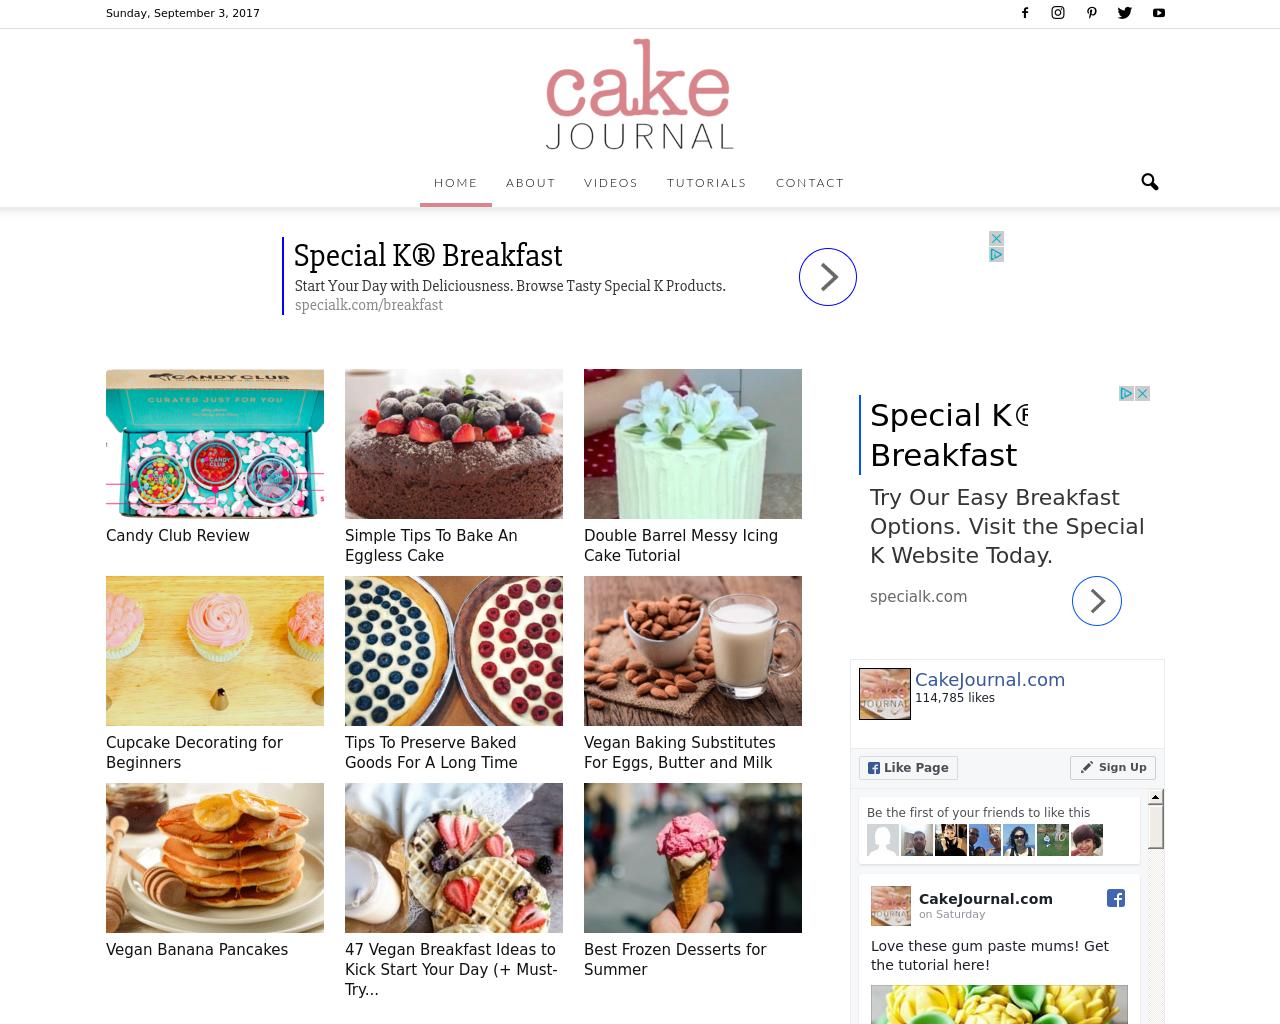 Cake-Journal-Advertising-Reviews-Pricing